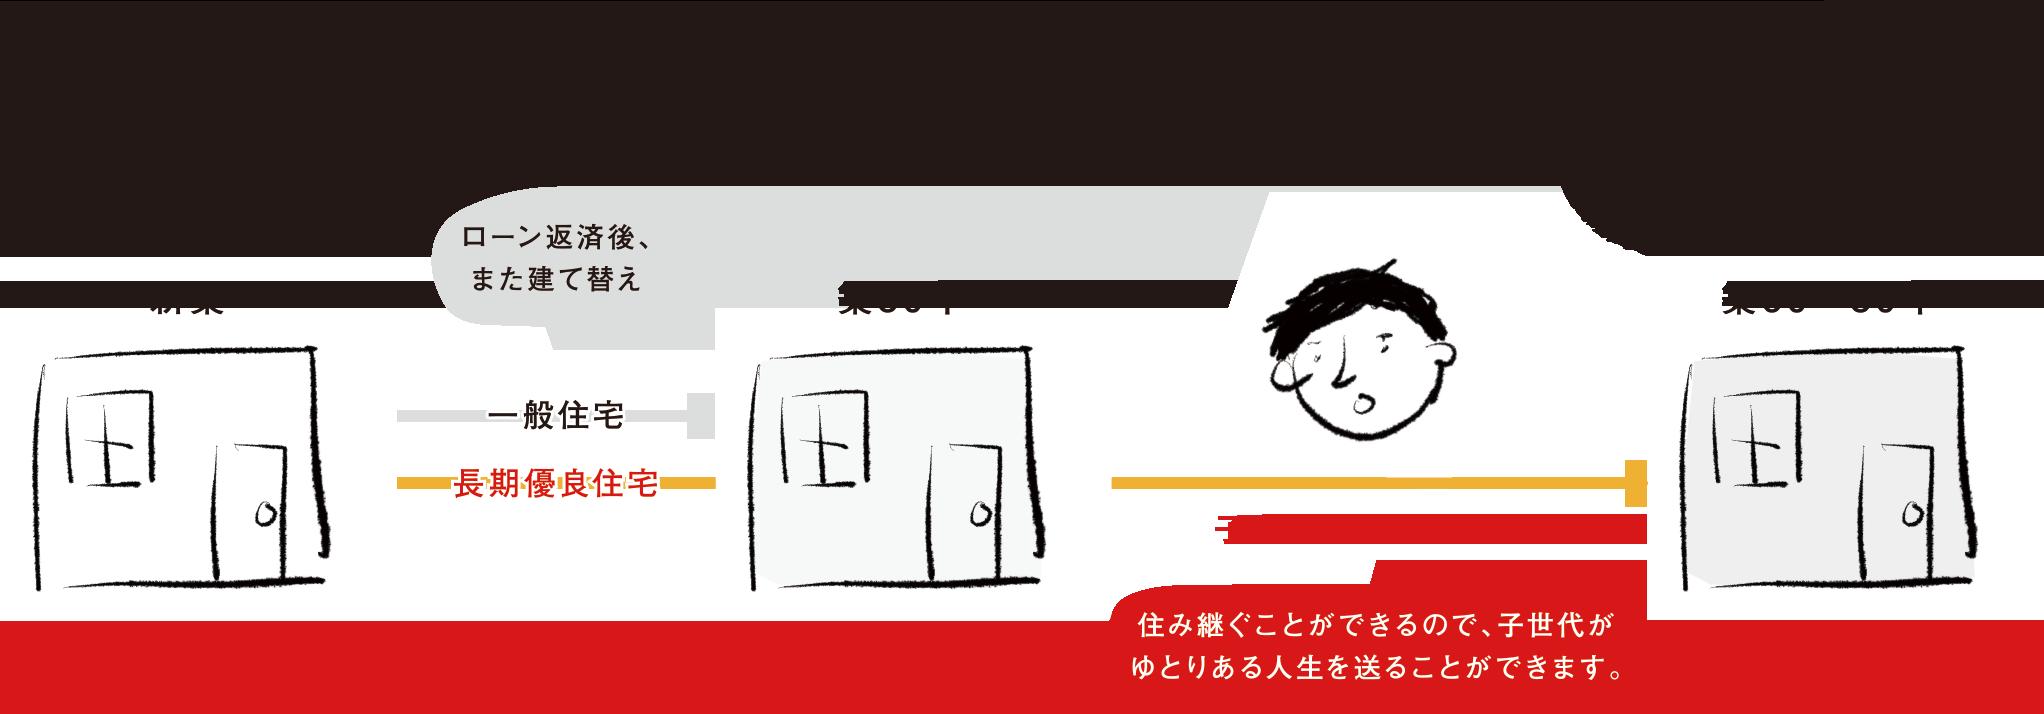 一般住宅と長期優良住宅の比較